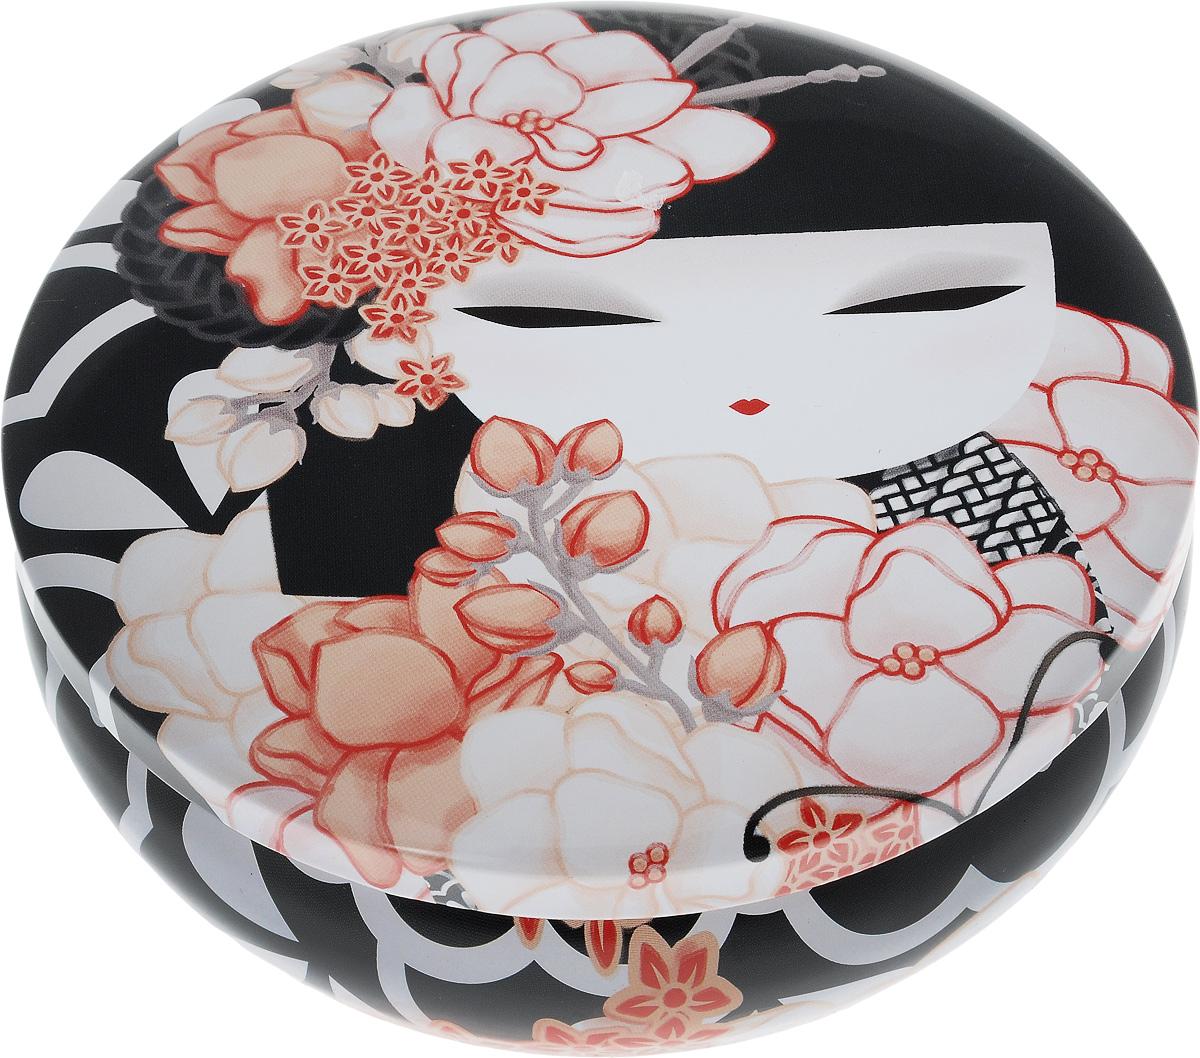 Шкатулка жестяная Kimmidoll КайоFS-80418Шкатулка жестяная Kimmidoll Кайо изготовлена из жести и оформлена изображением японской куколки кокеши. Шкатулка содержит вместительное отделение, надежно закрывающееся крышкой.Такая шкатулка не только надежно сохранит вашу бижутерию, но и станет необычным украшением интерьера. Размер: 13,5 x 13,5 x 4,5 см.